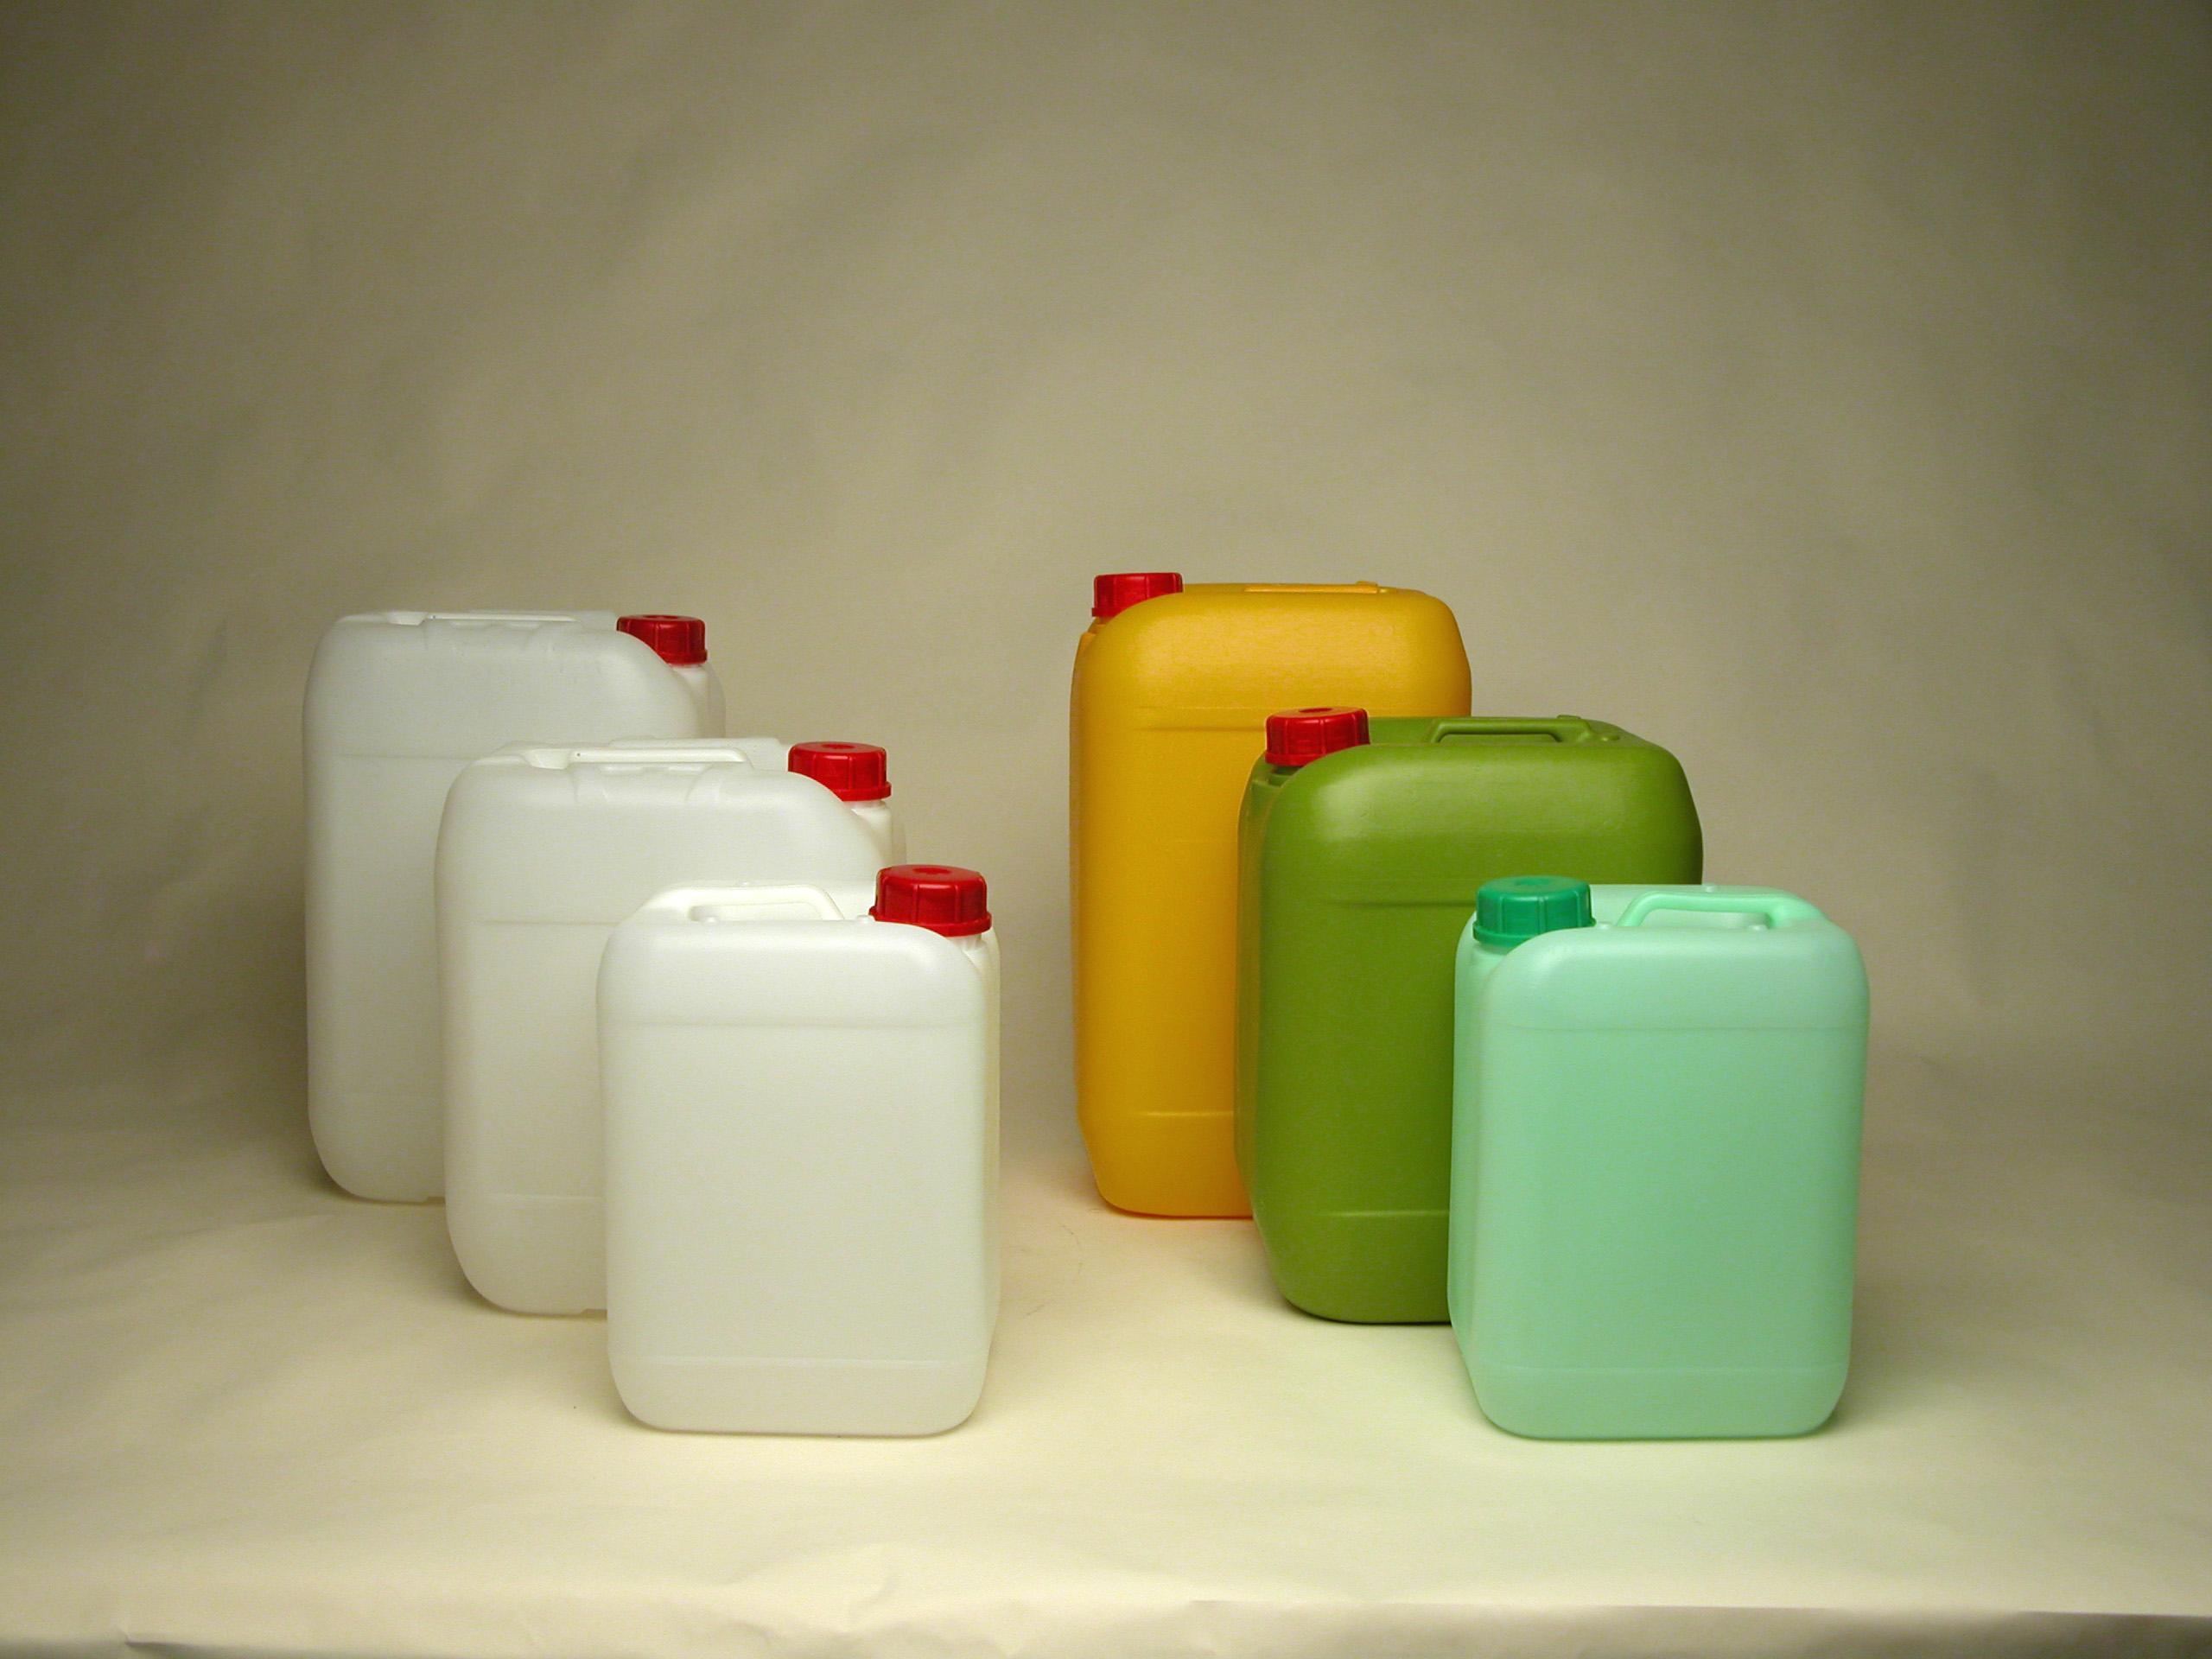 Nueva tecnología para reciclar envases que hayan contenido sustancias peligrosas